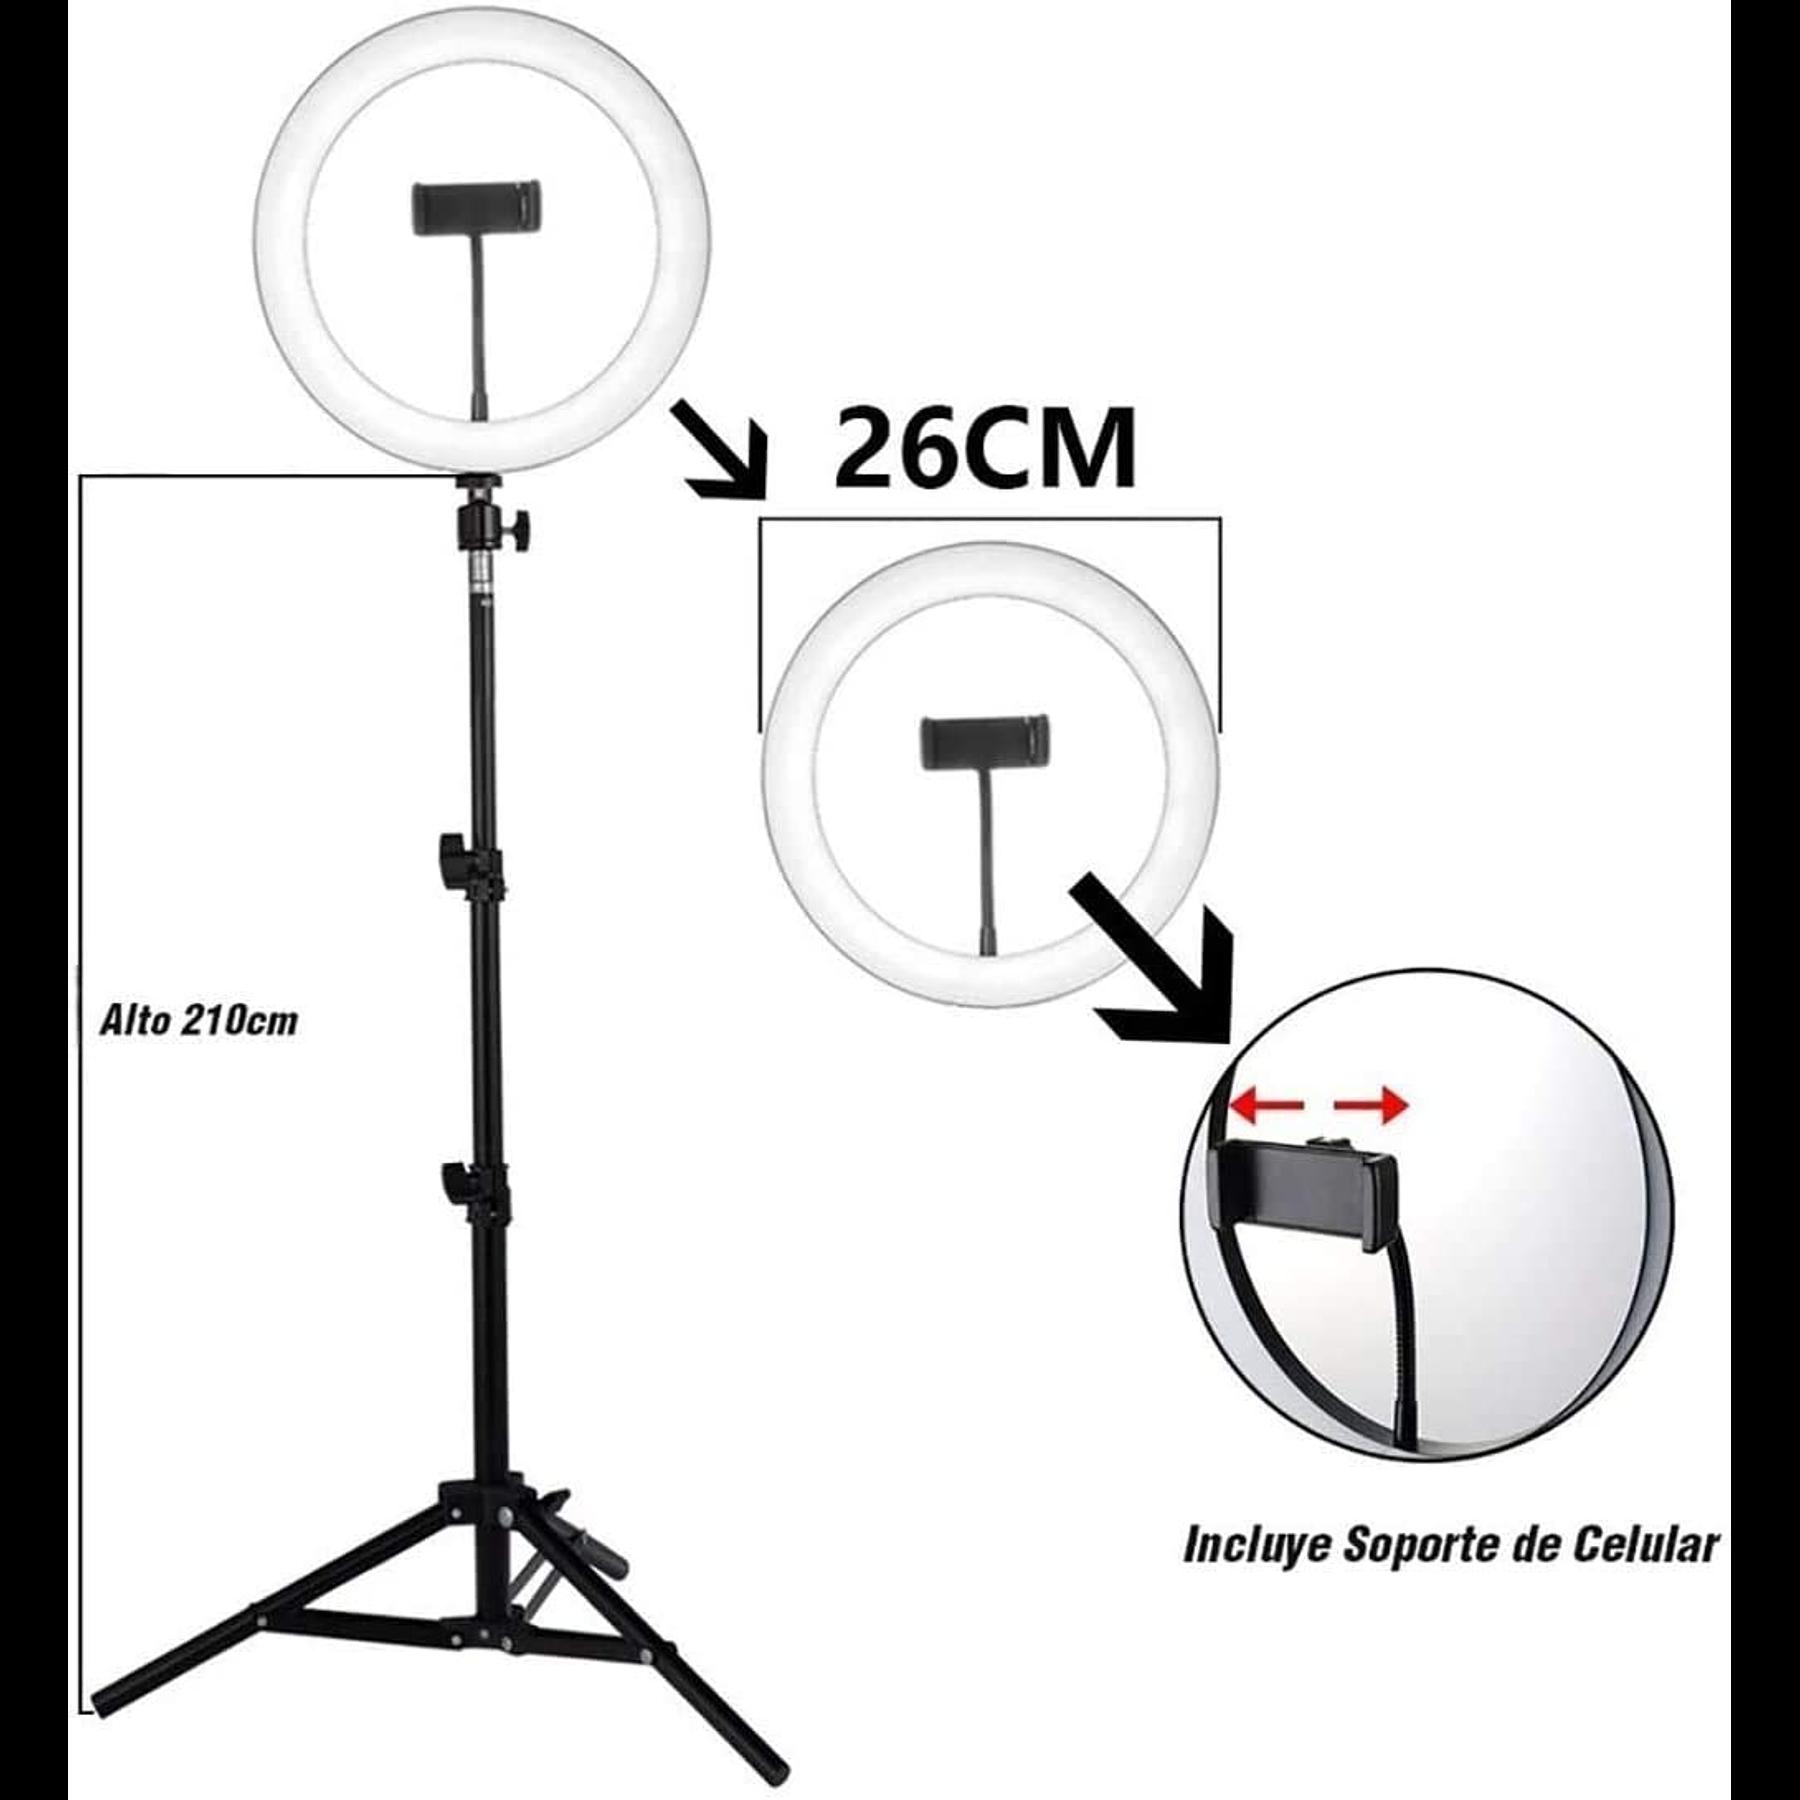 Aro de luz de 26 cm de diámetro + Trípode de 2m